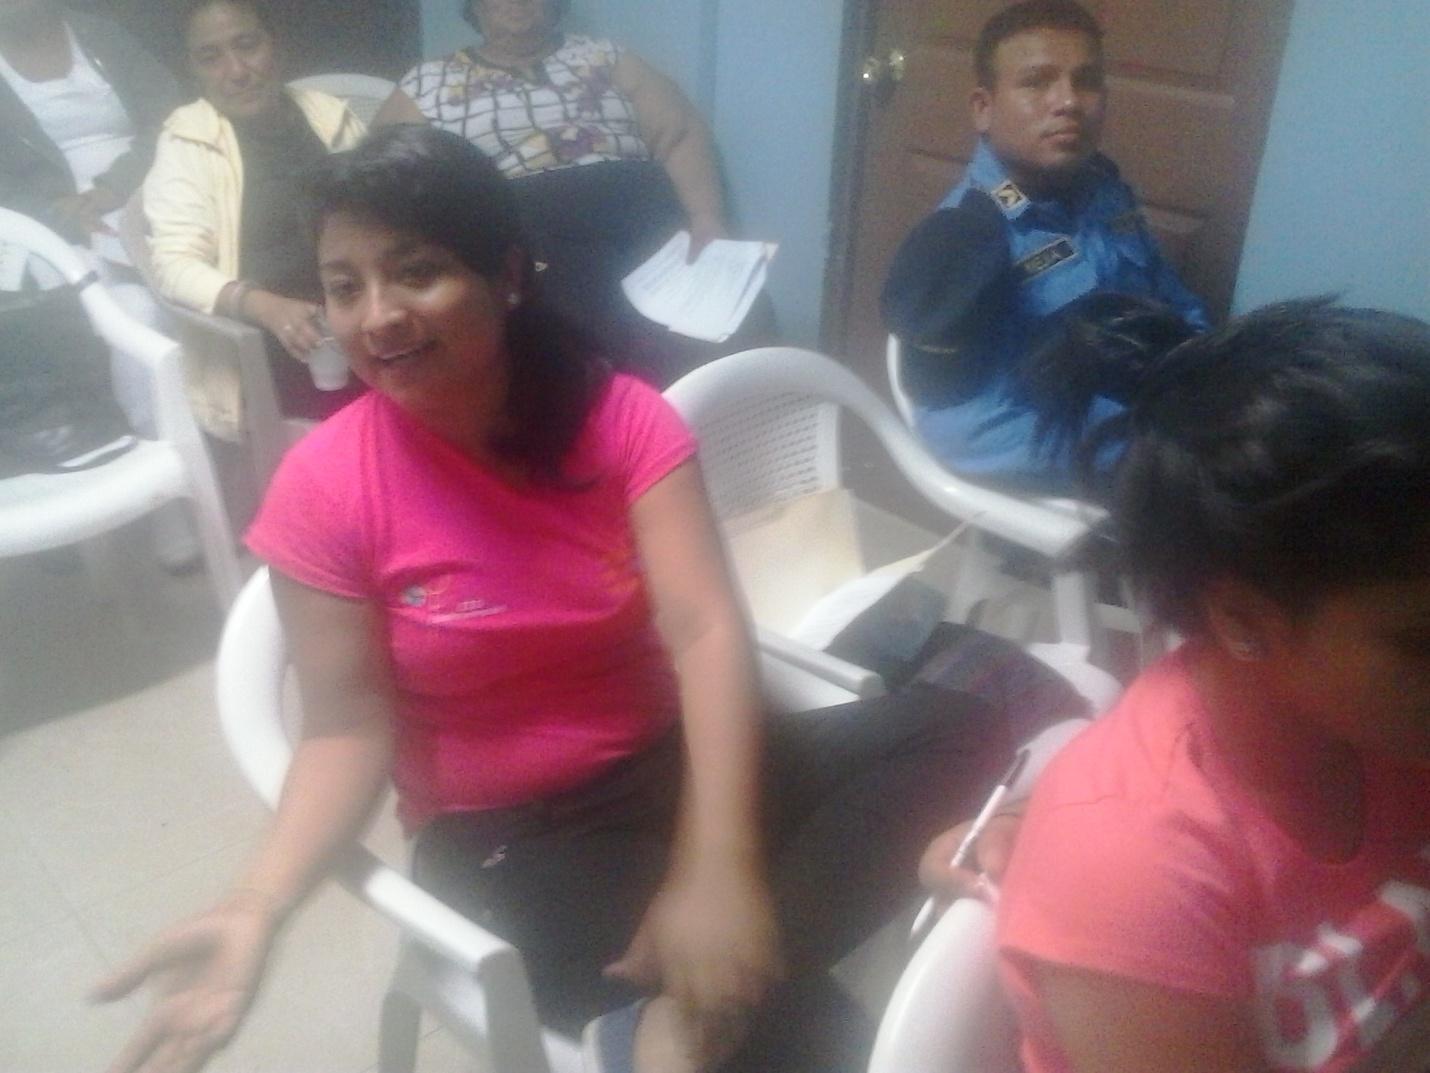 C:\Users\Bayron\Documents\SIFAT\FOTOS\HONDURAS\JUTIAPA\TALLER 1         NIVEL AVANZADO Febrero 26-27   2016\KenyaRedJuvenil.jpg